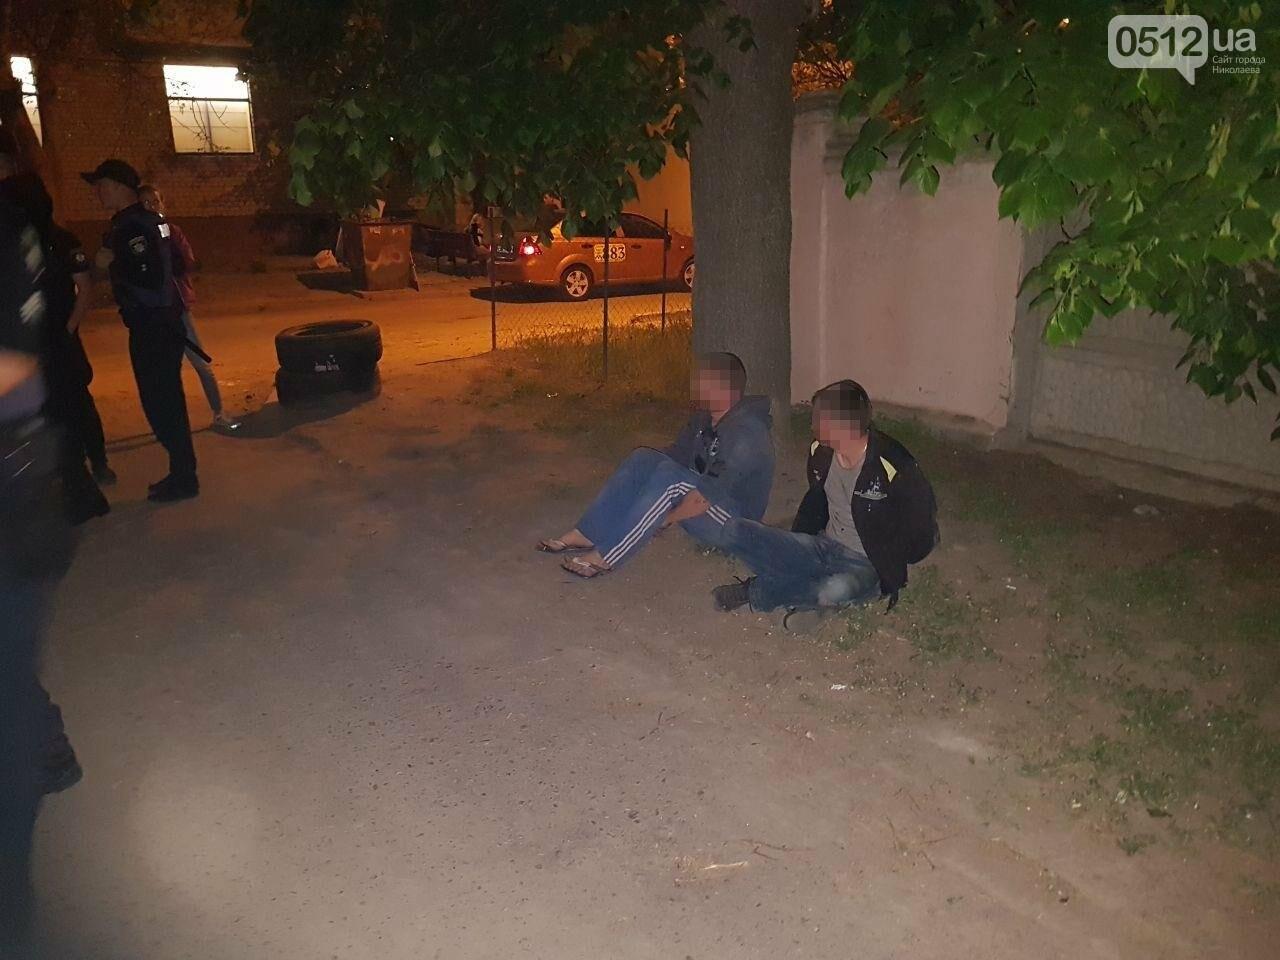 В Николаеве двое парней чуть не устроили поножовщину: патрульные подоспели вовремя, - ФОТО, фото-7